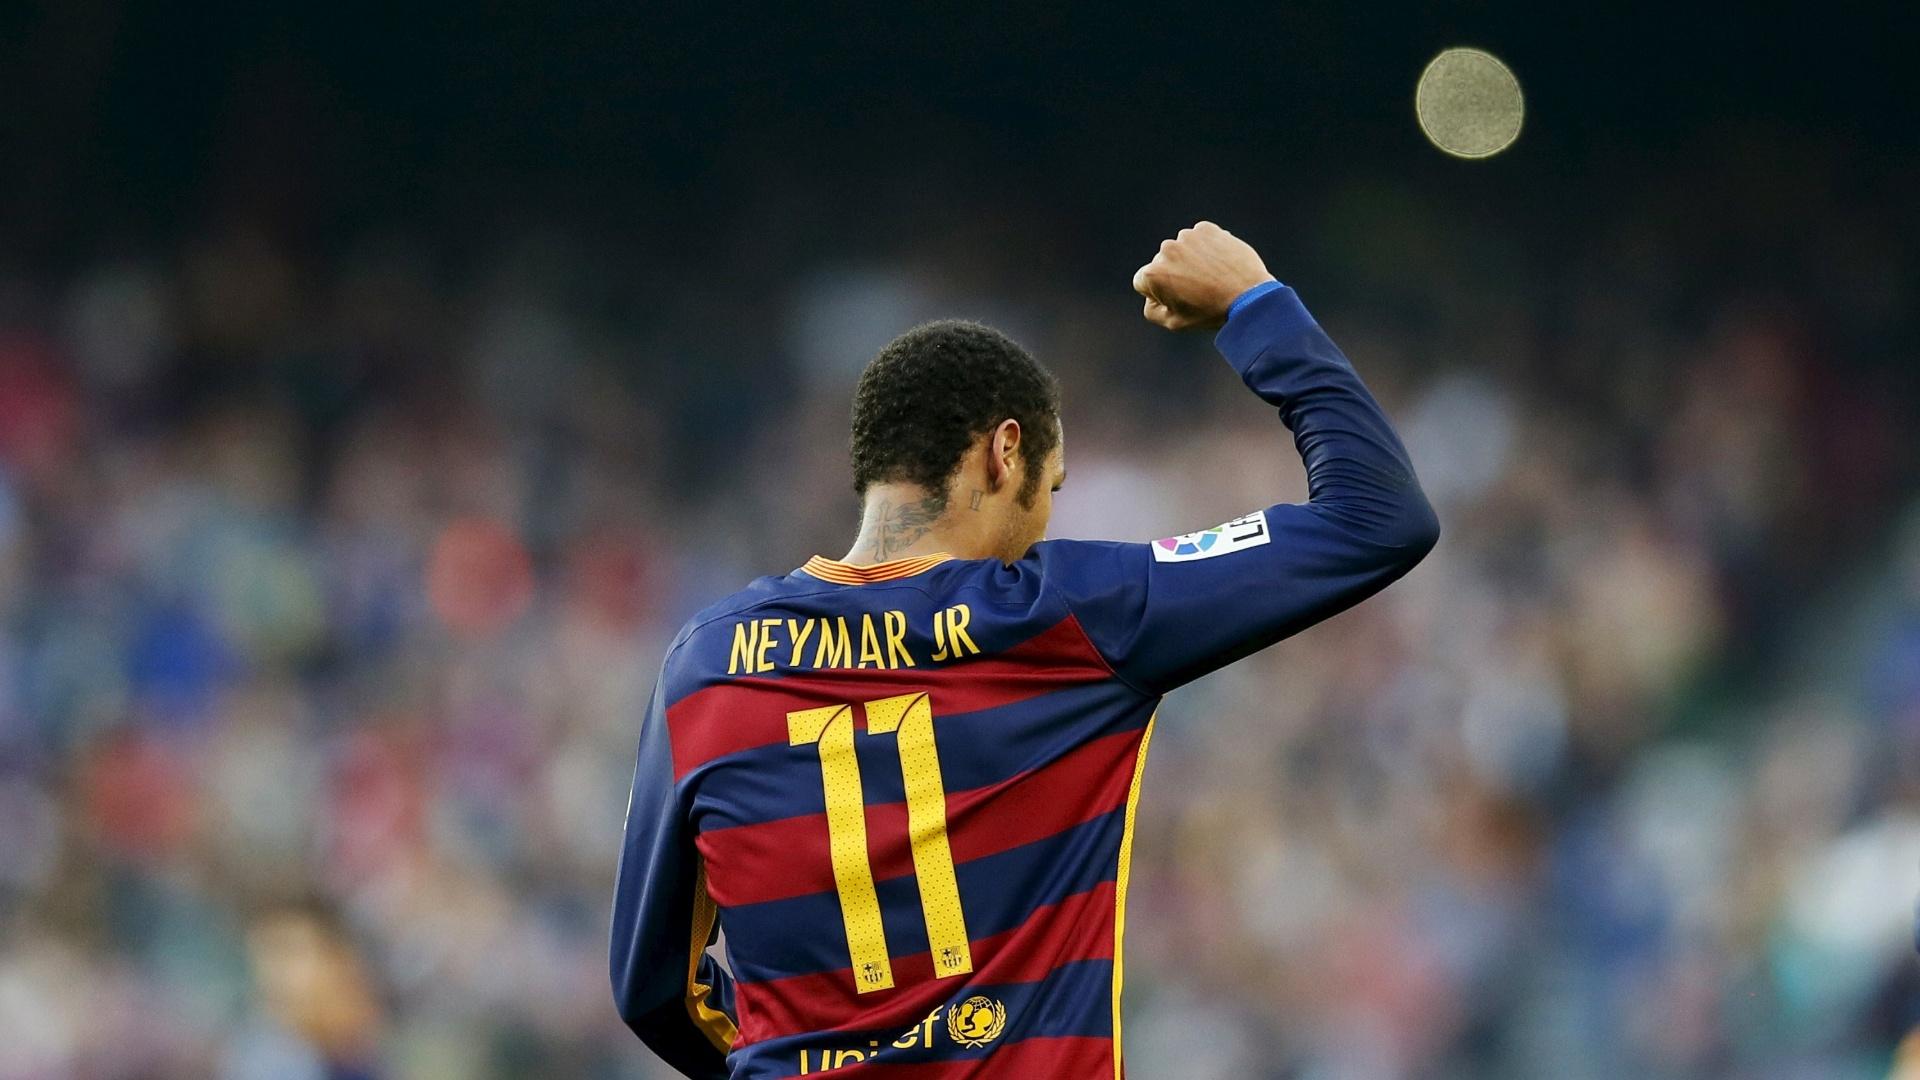 Neymar é finalista da Bola de Ouro ao lado de Messi e ...